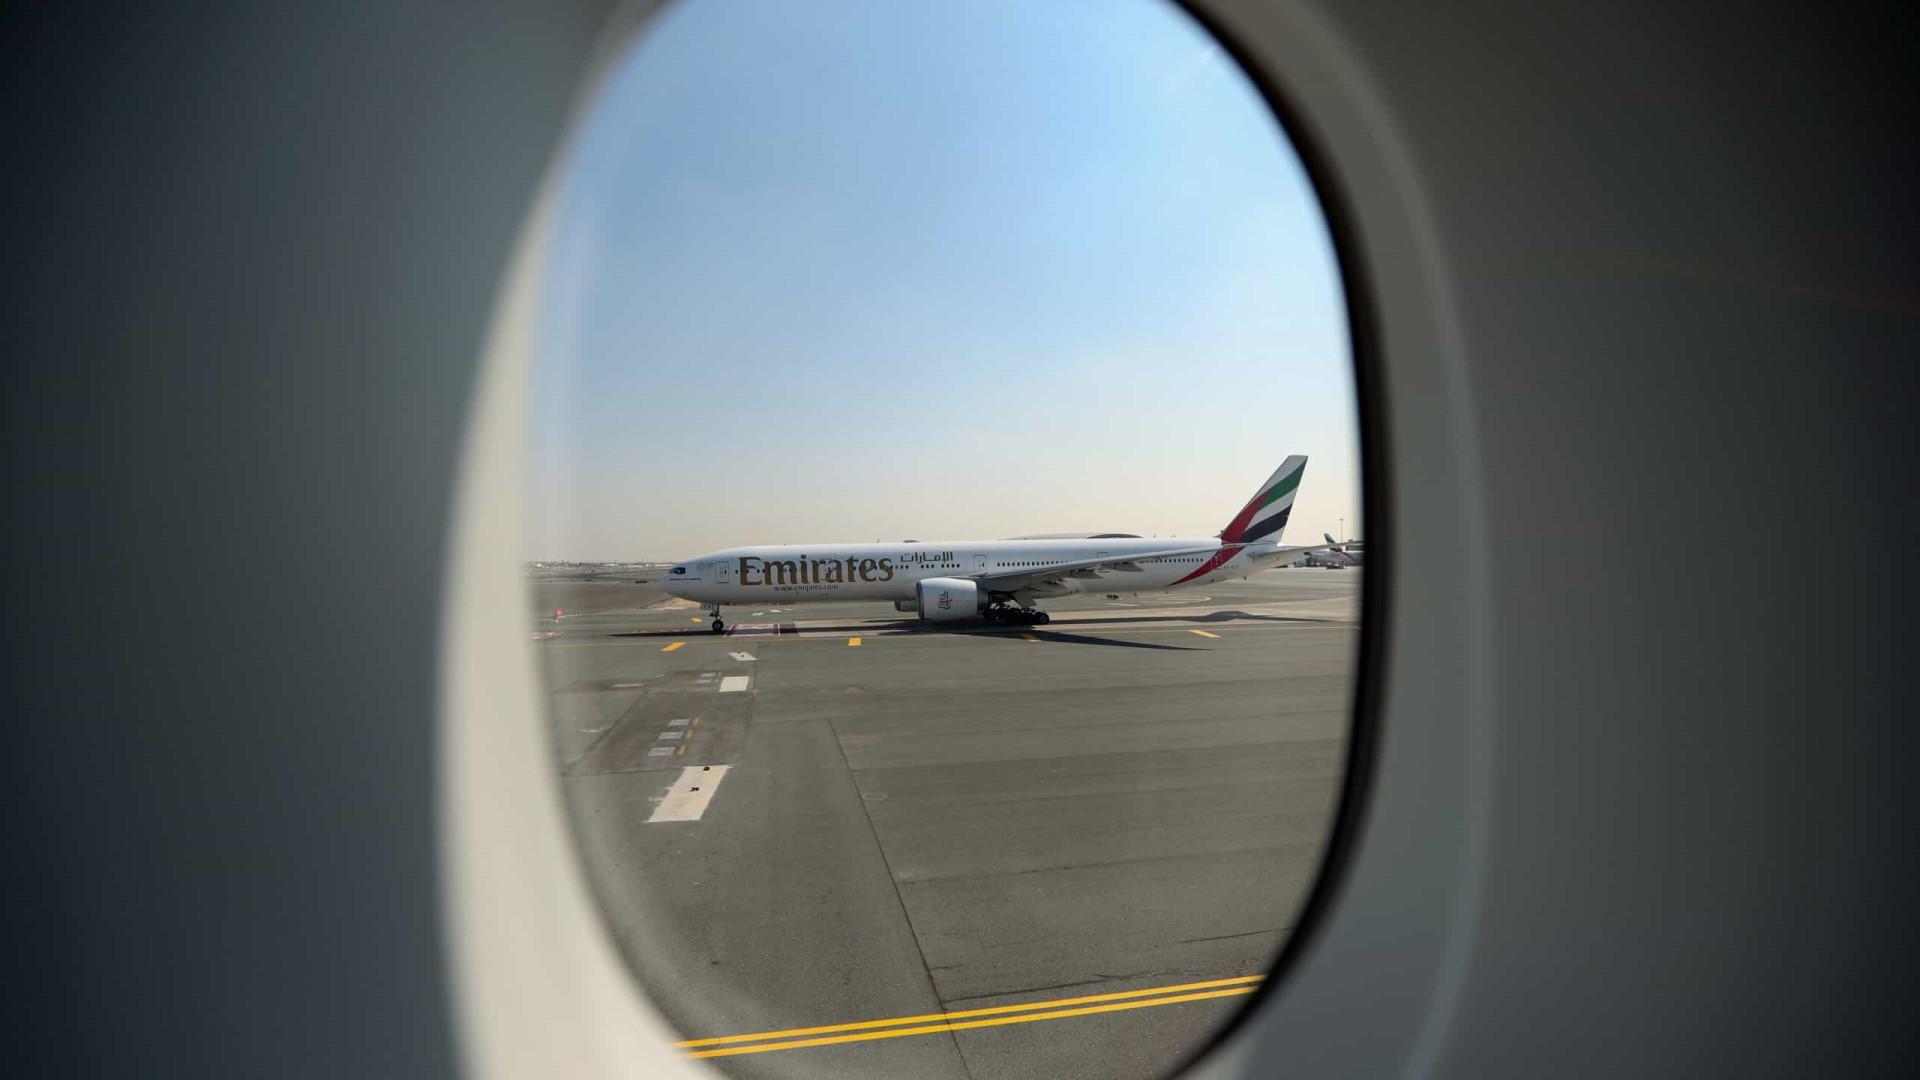 Companhia aérea Emirates planeia eliminar até 9.000 postos de trabalho